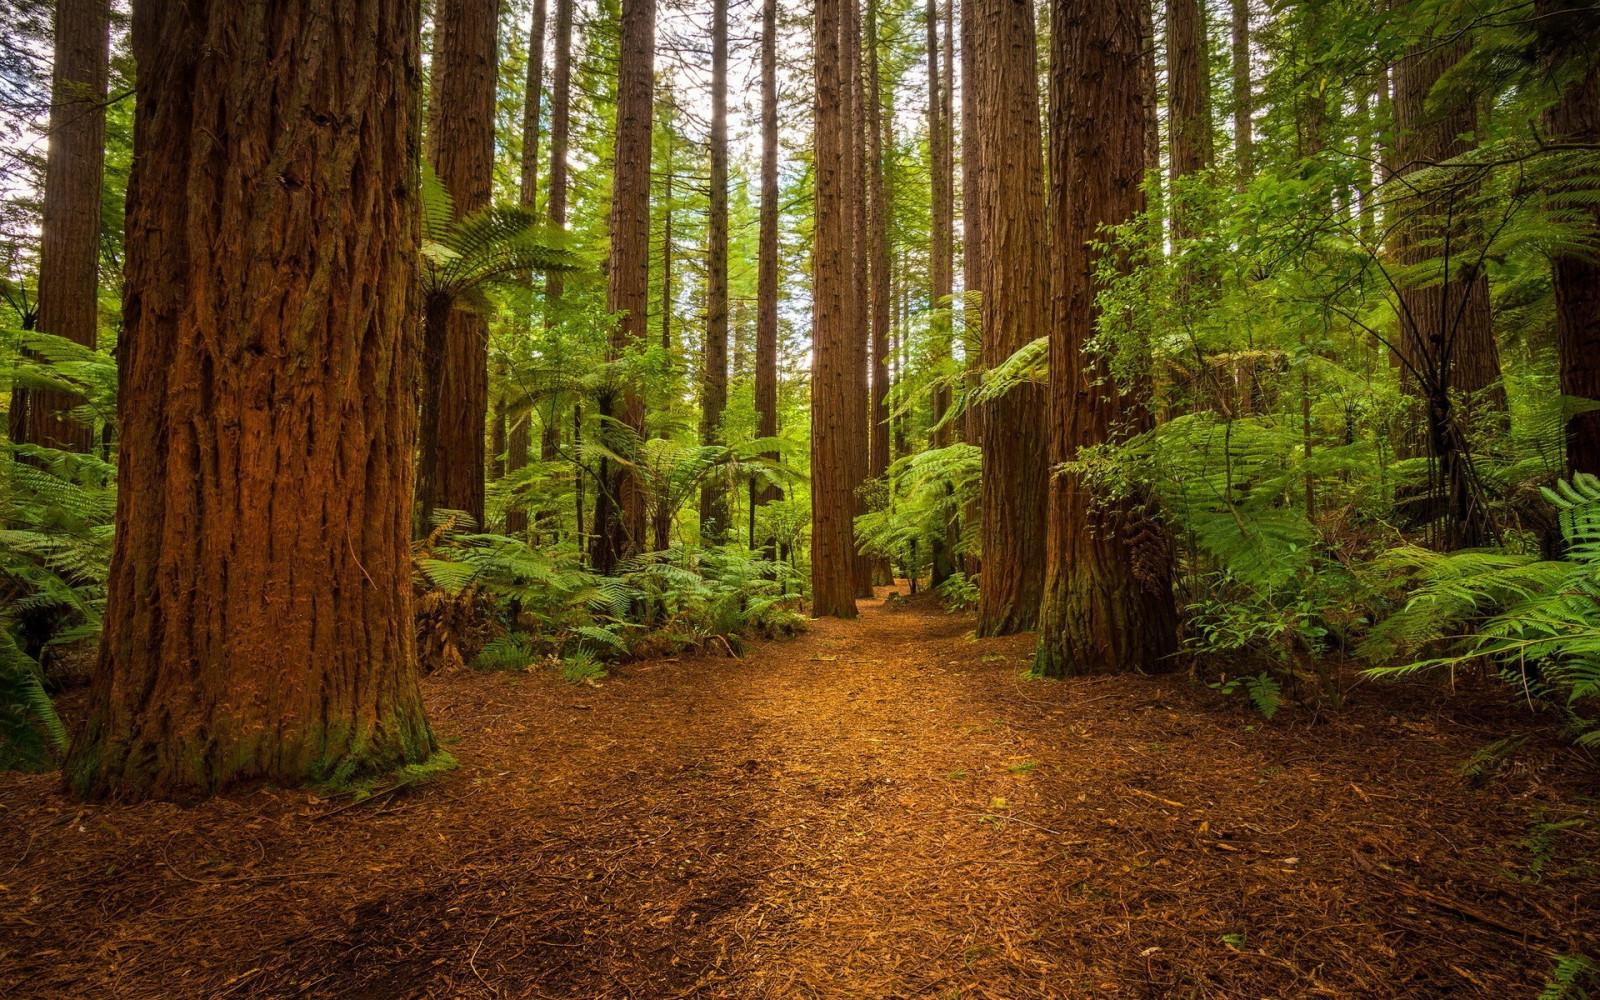 фото на фоне леса - 4